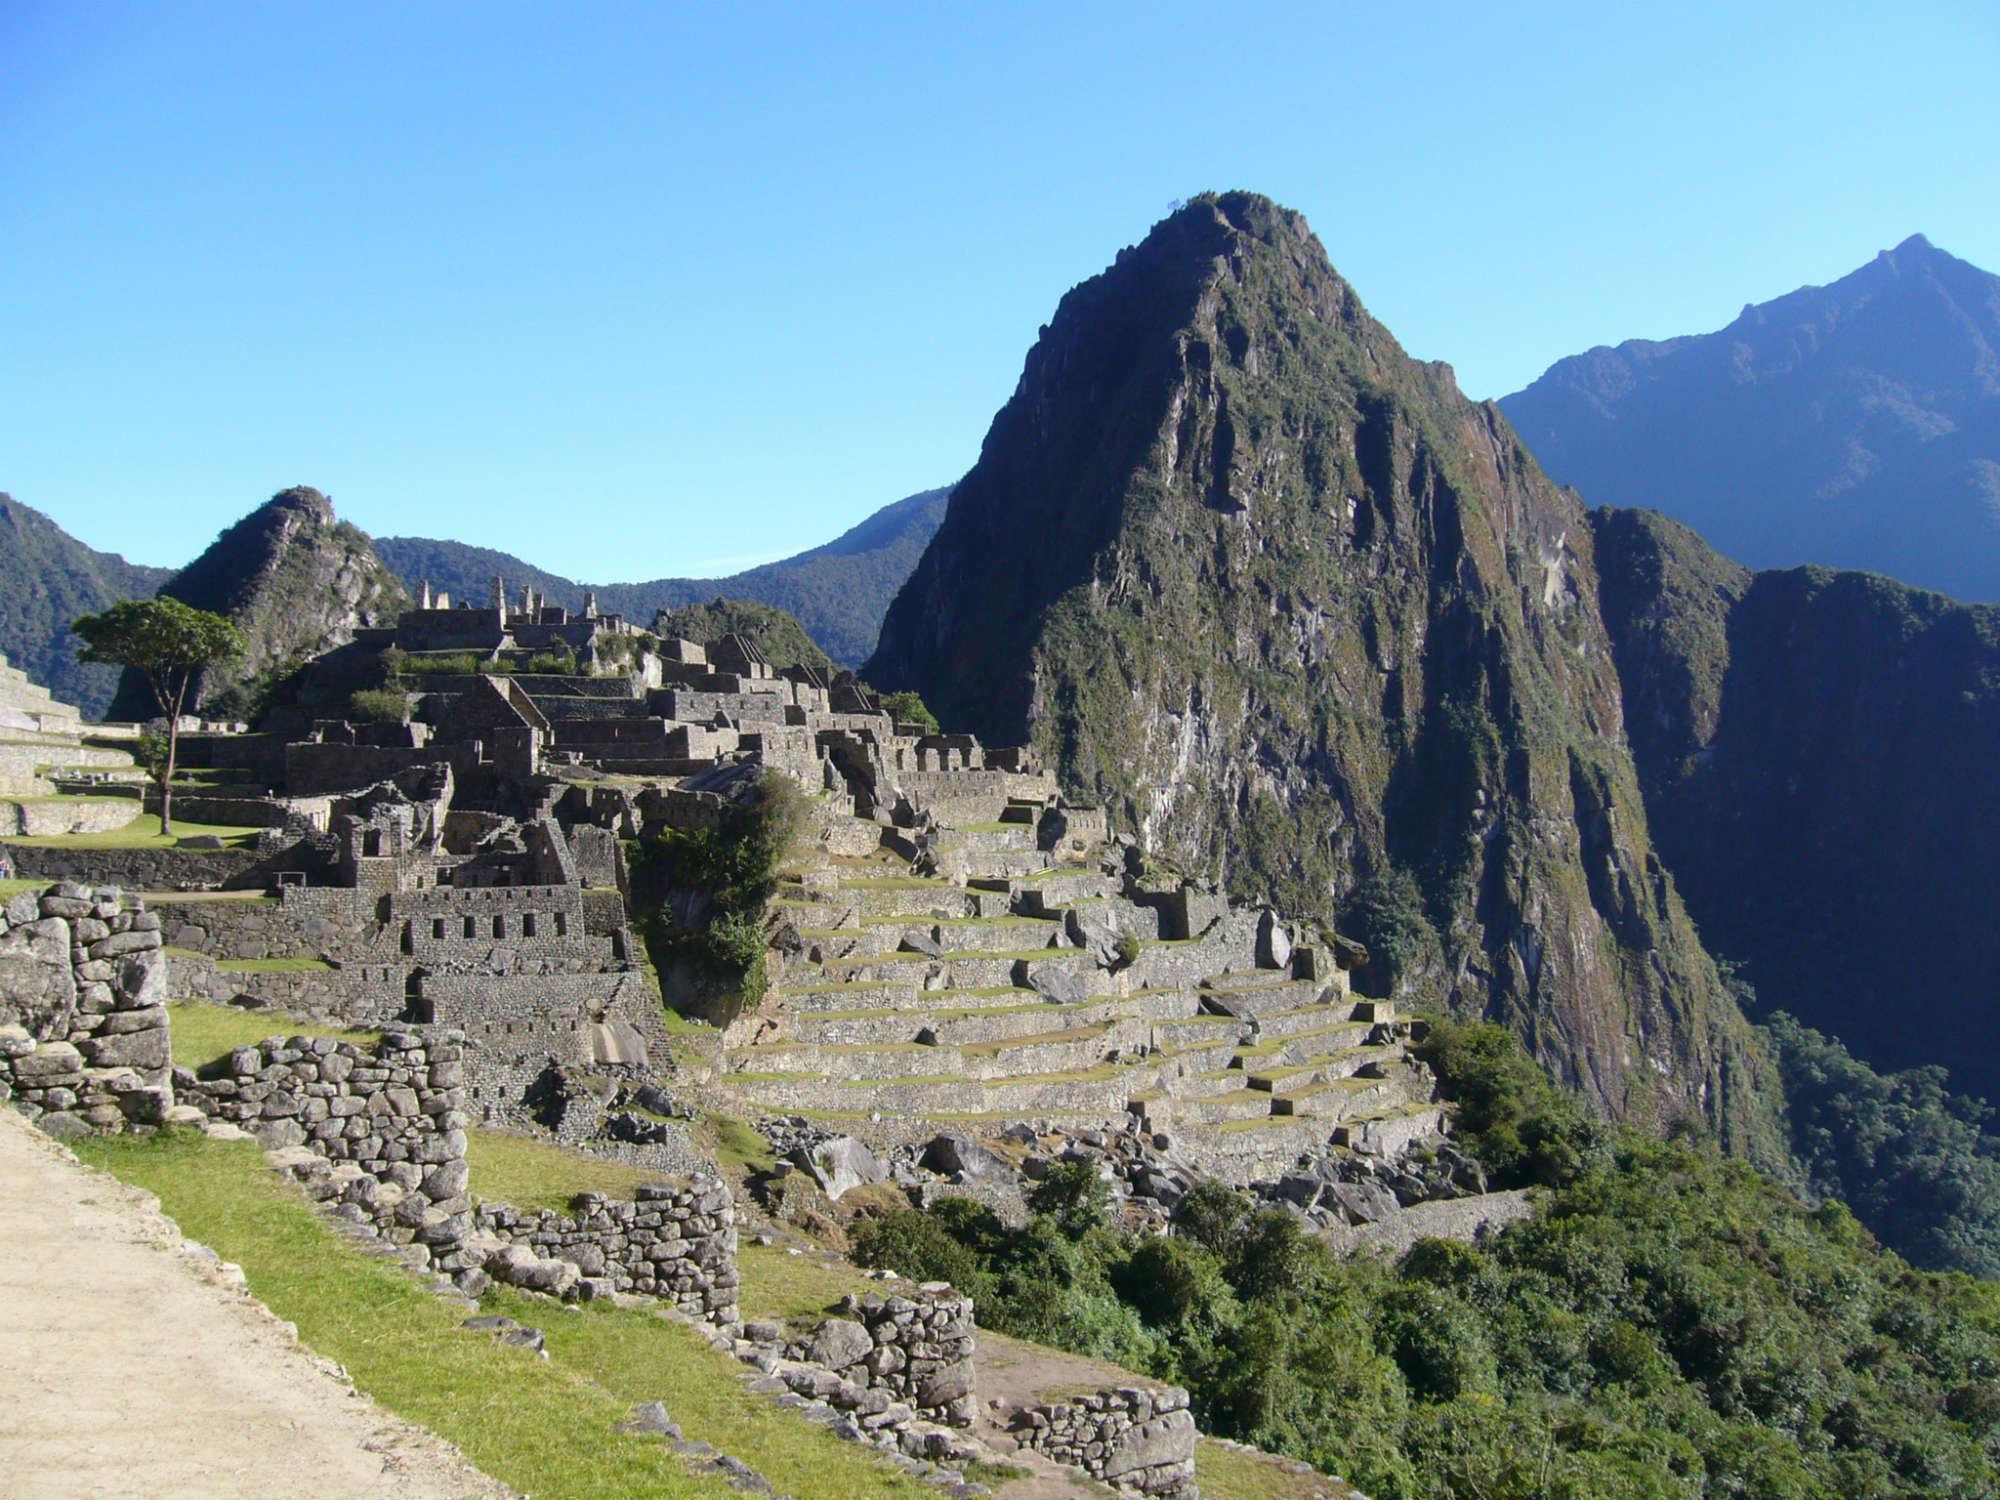 ペルー/マチュピチュ山(3,082m) 登頂11日間